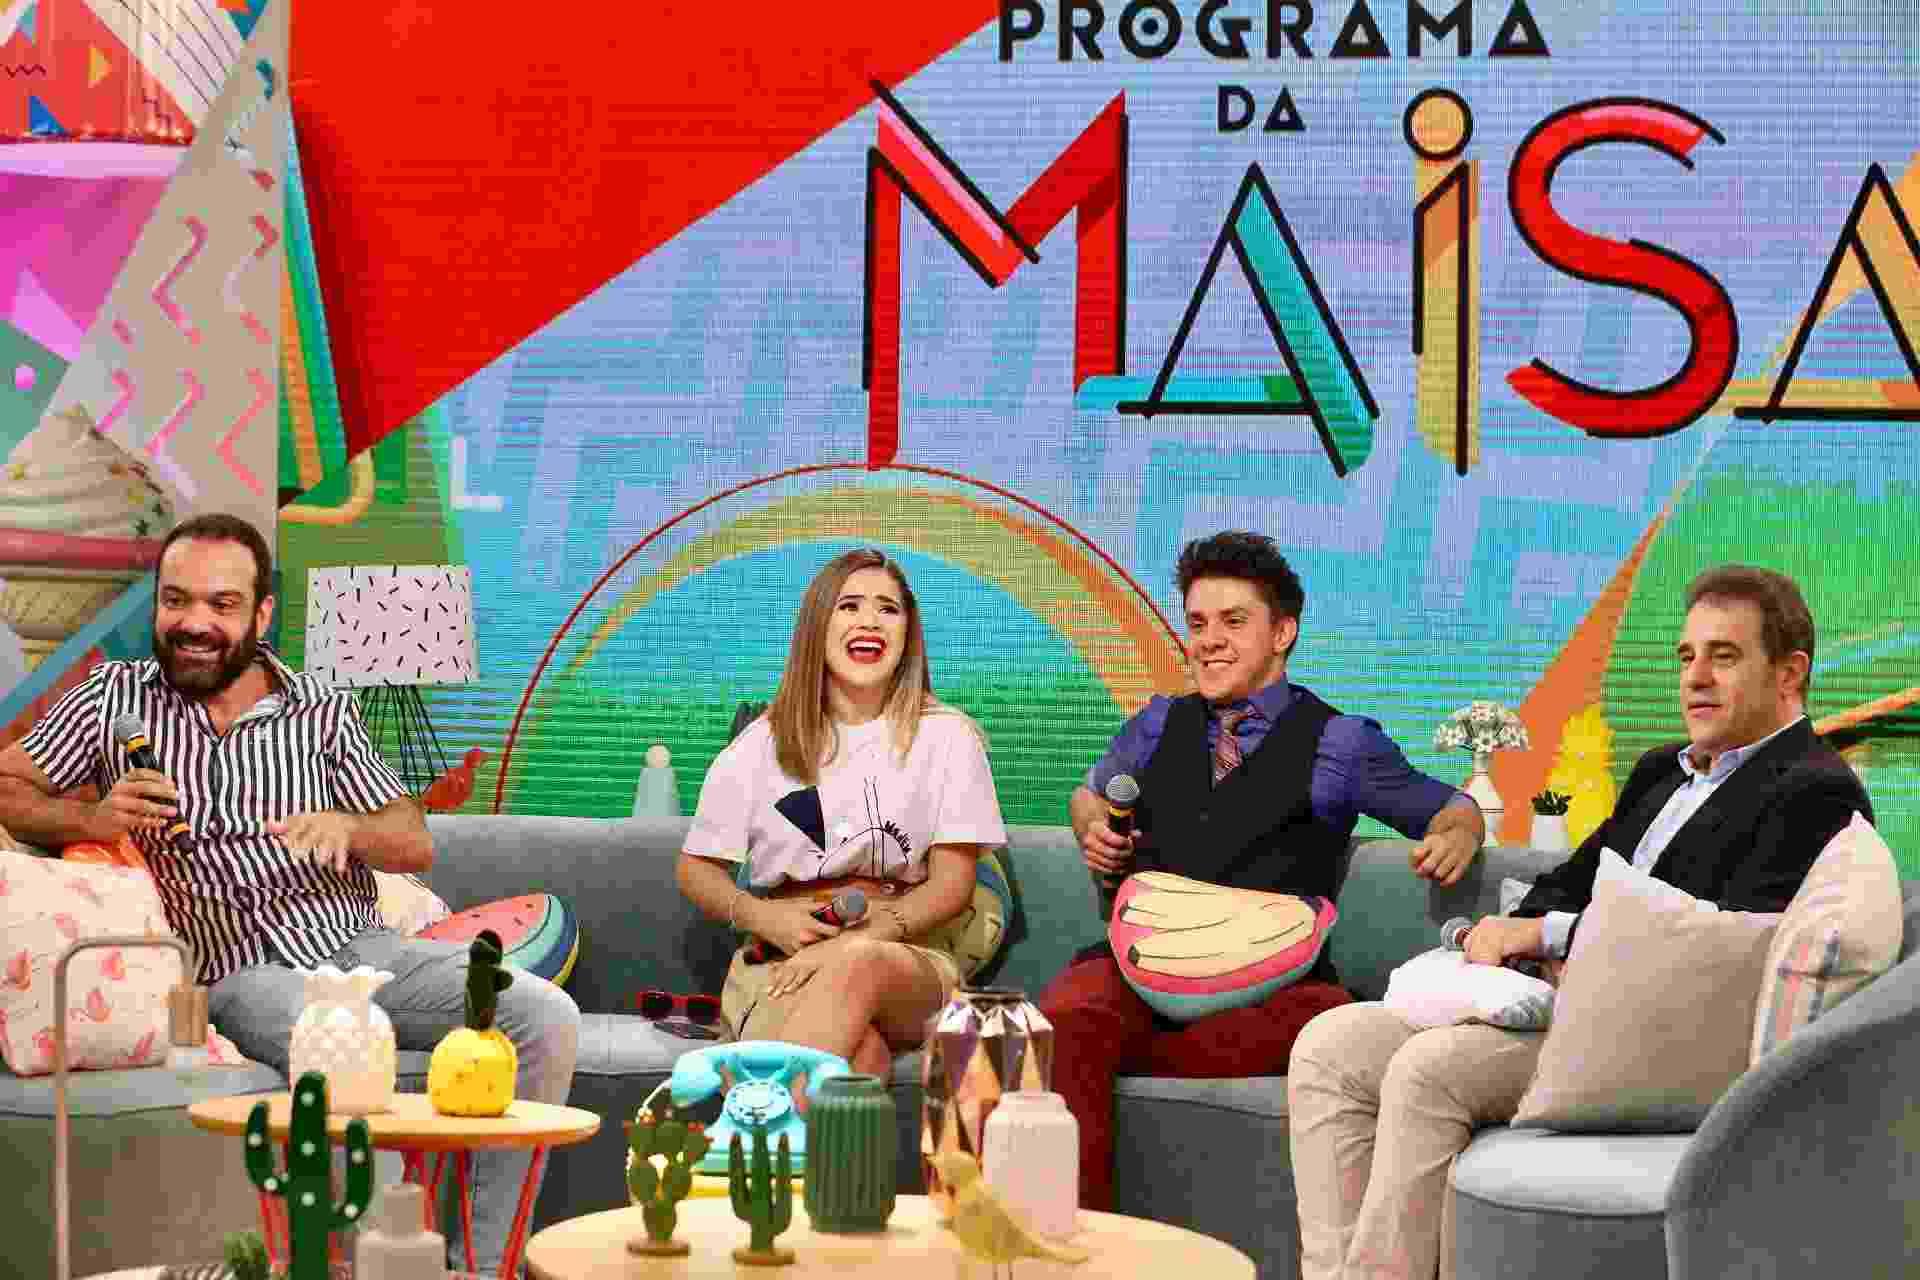 """Maisa Silva fala sobre O 'Programa da Maisa"""" ao lado de Lucas Gentil, diretor da atração, o ex-CQC Oscar Filho e Fernando Pelégio, diretor artístico do SBT - Manuela Scarpa e Marcos Ribas/Brazil News"""